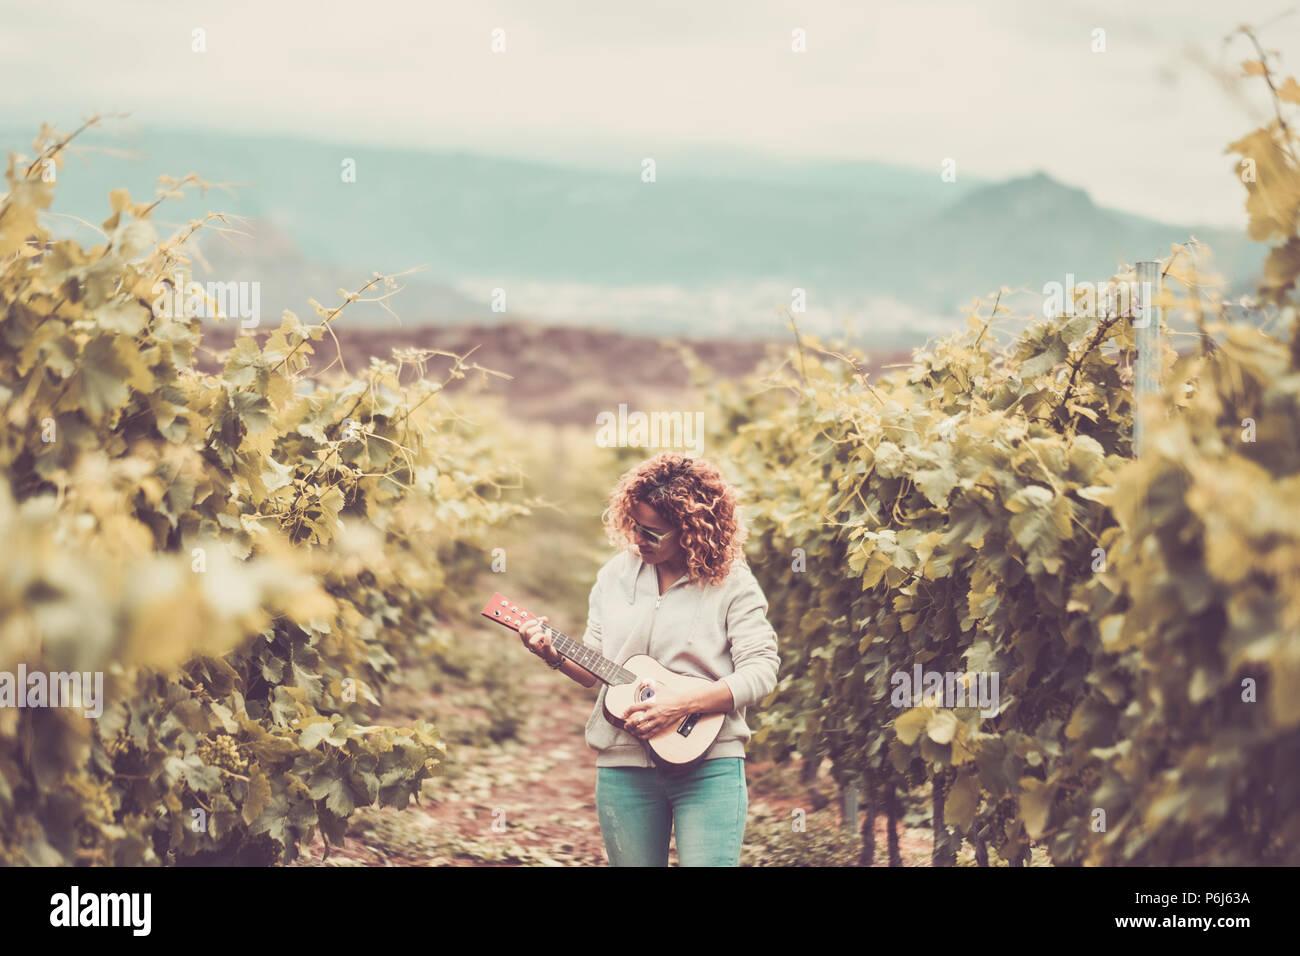 Bella bella donna caucasica camminare da soli nella vigna sfondo verde cantando un ukulele chitarra acustica. libertà uno stile di vita alternativo hippy con Immagini Stock